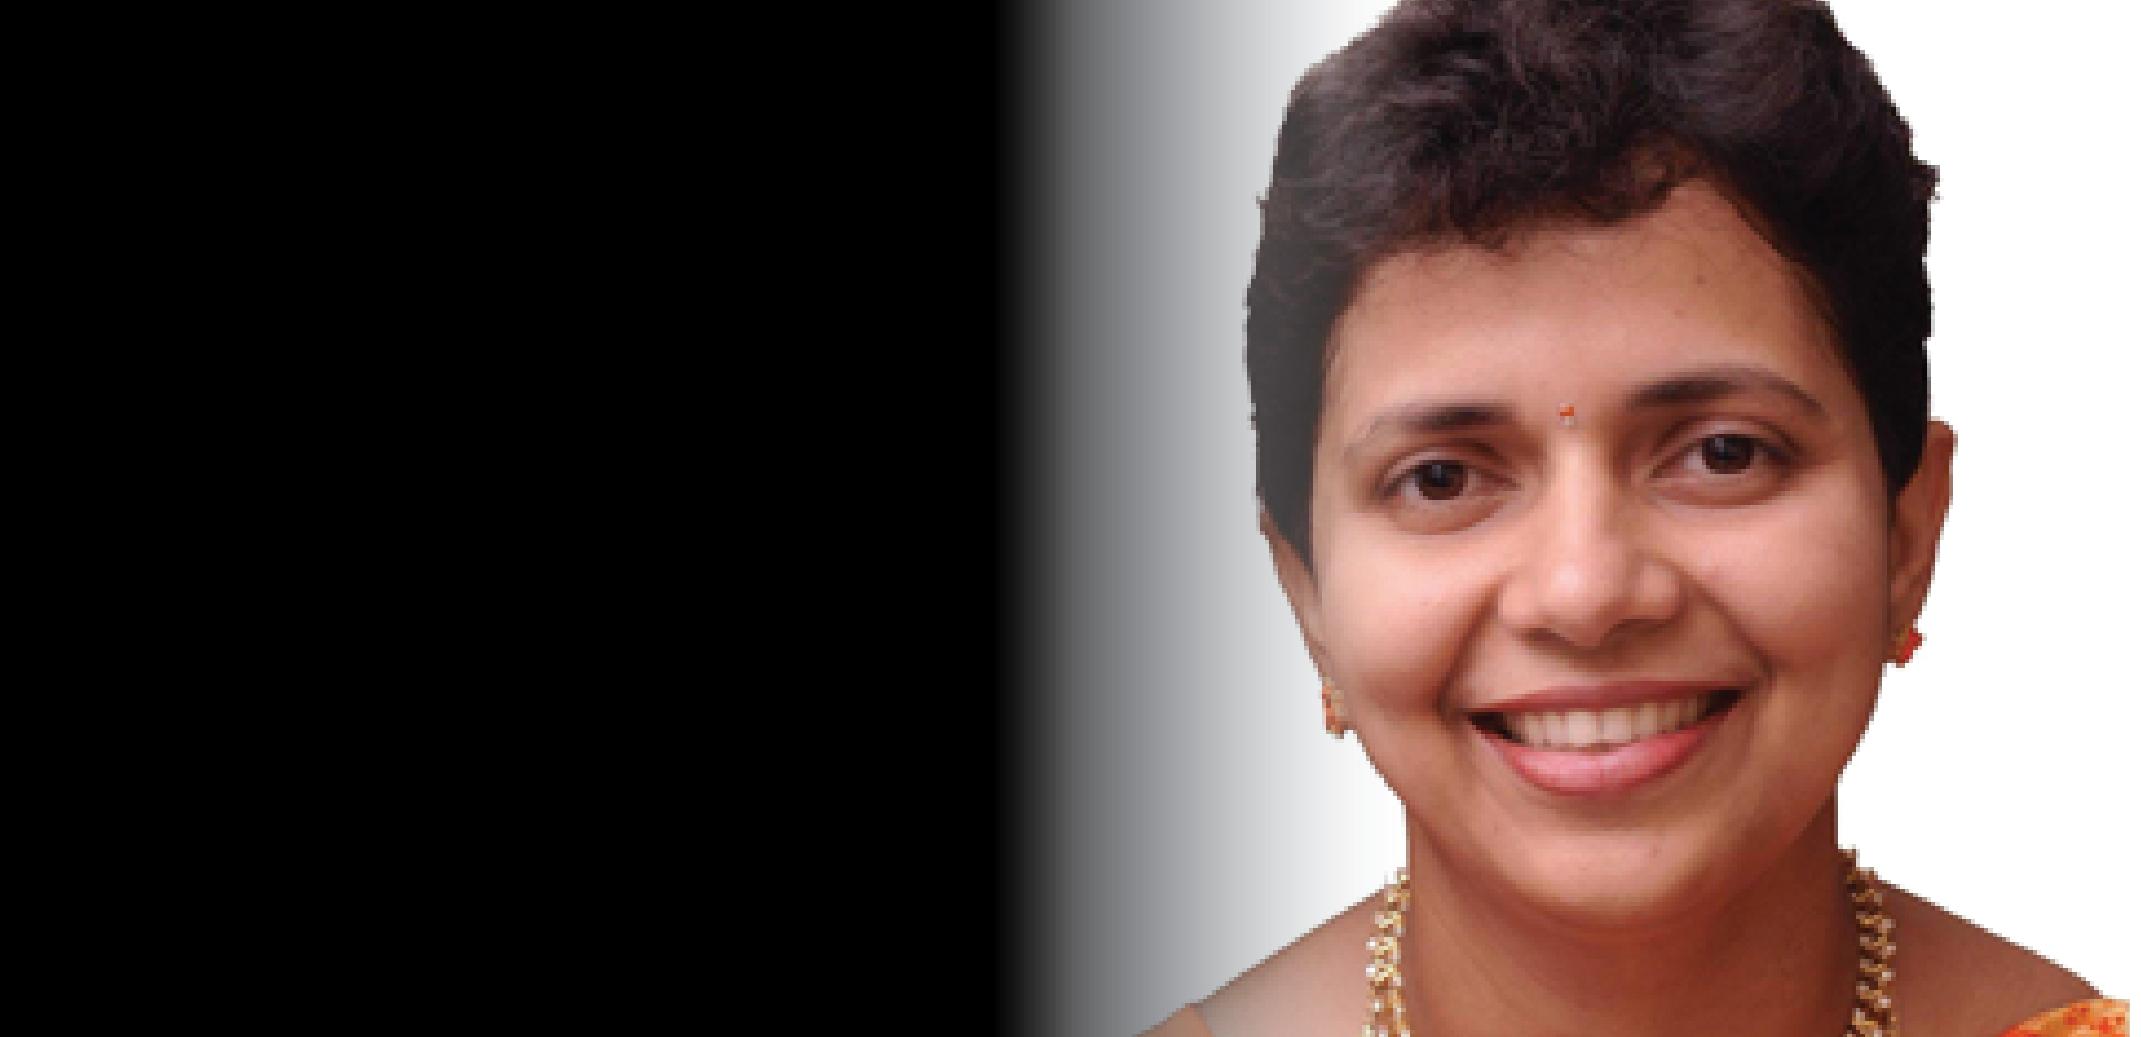 Manju Dhandapani